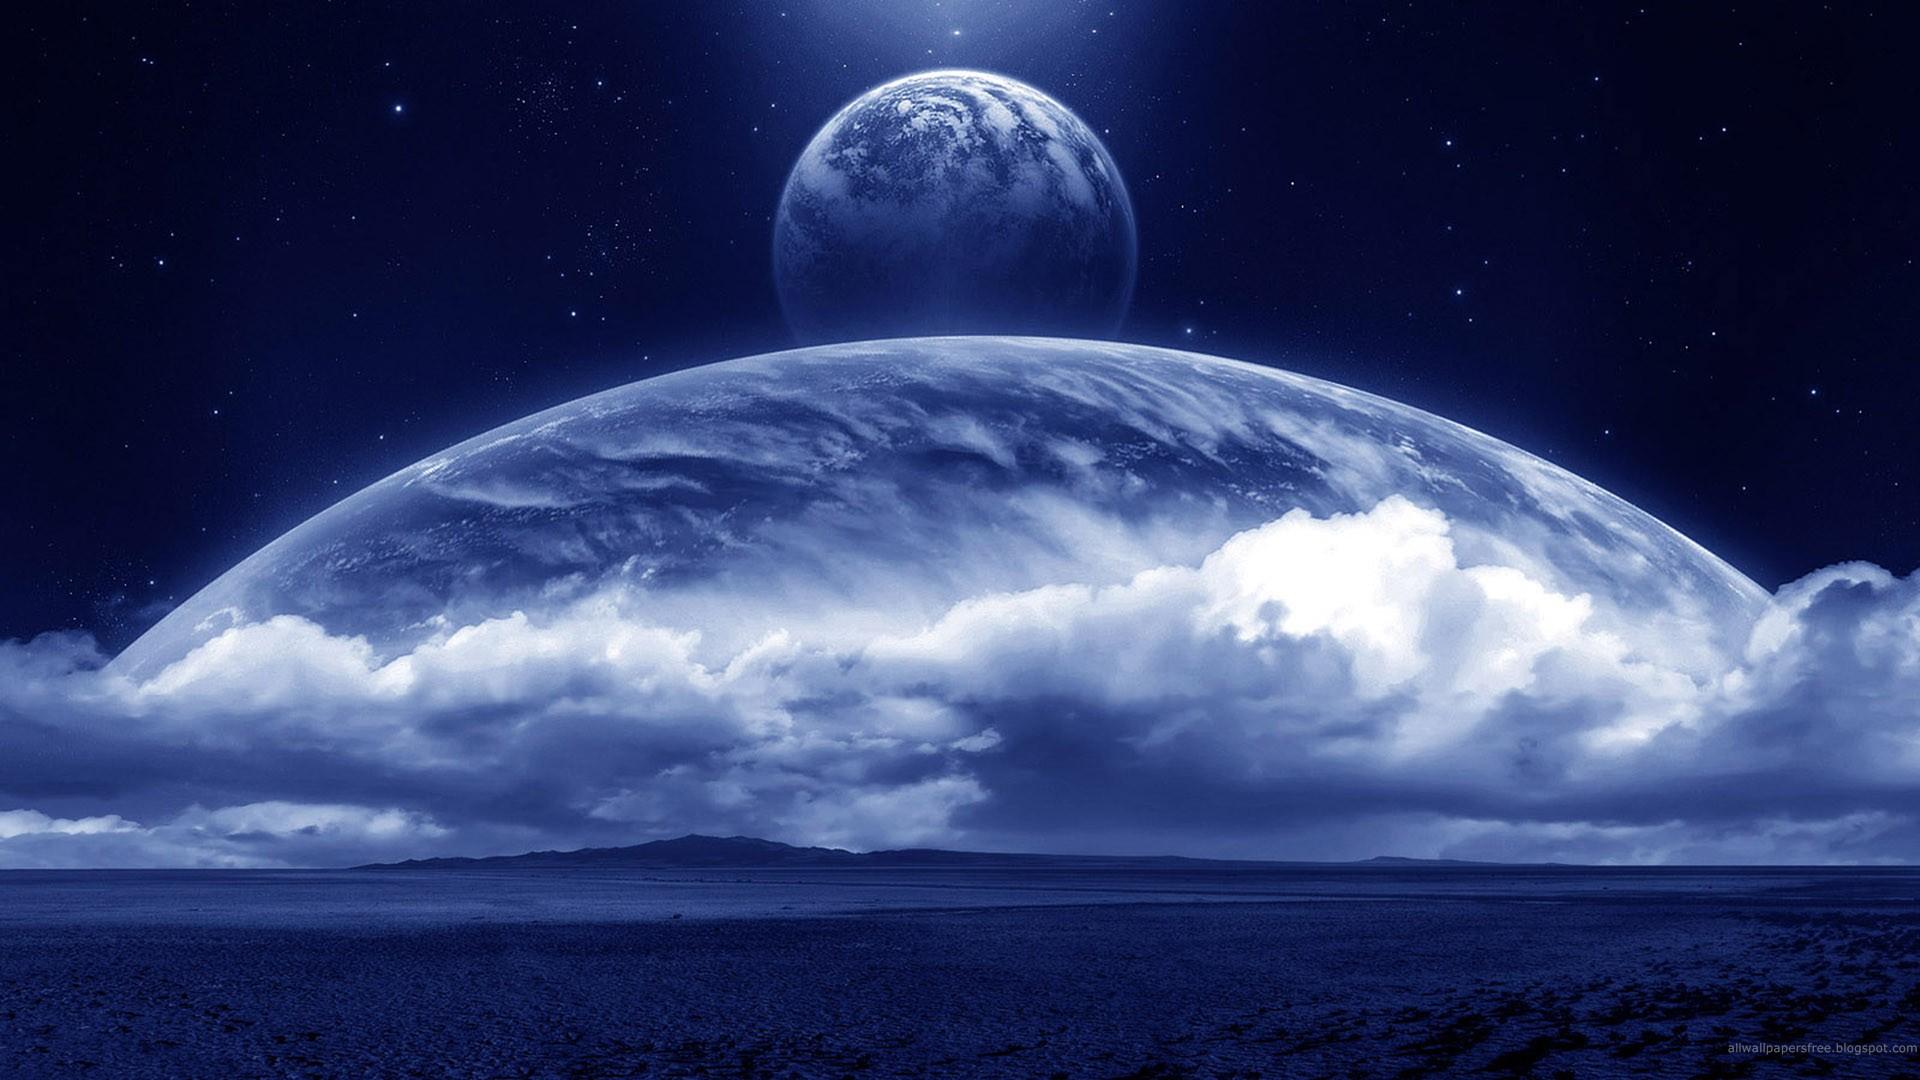 Обои Земля планета космос картинки на рабочий стол на тему Космос - скачать  № 3551598 загрузить